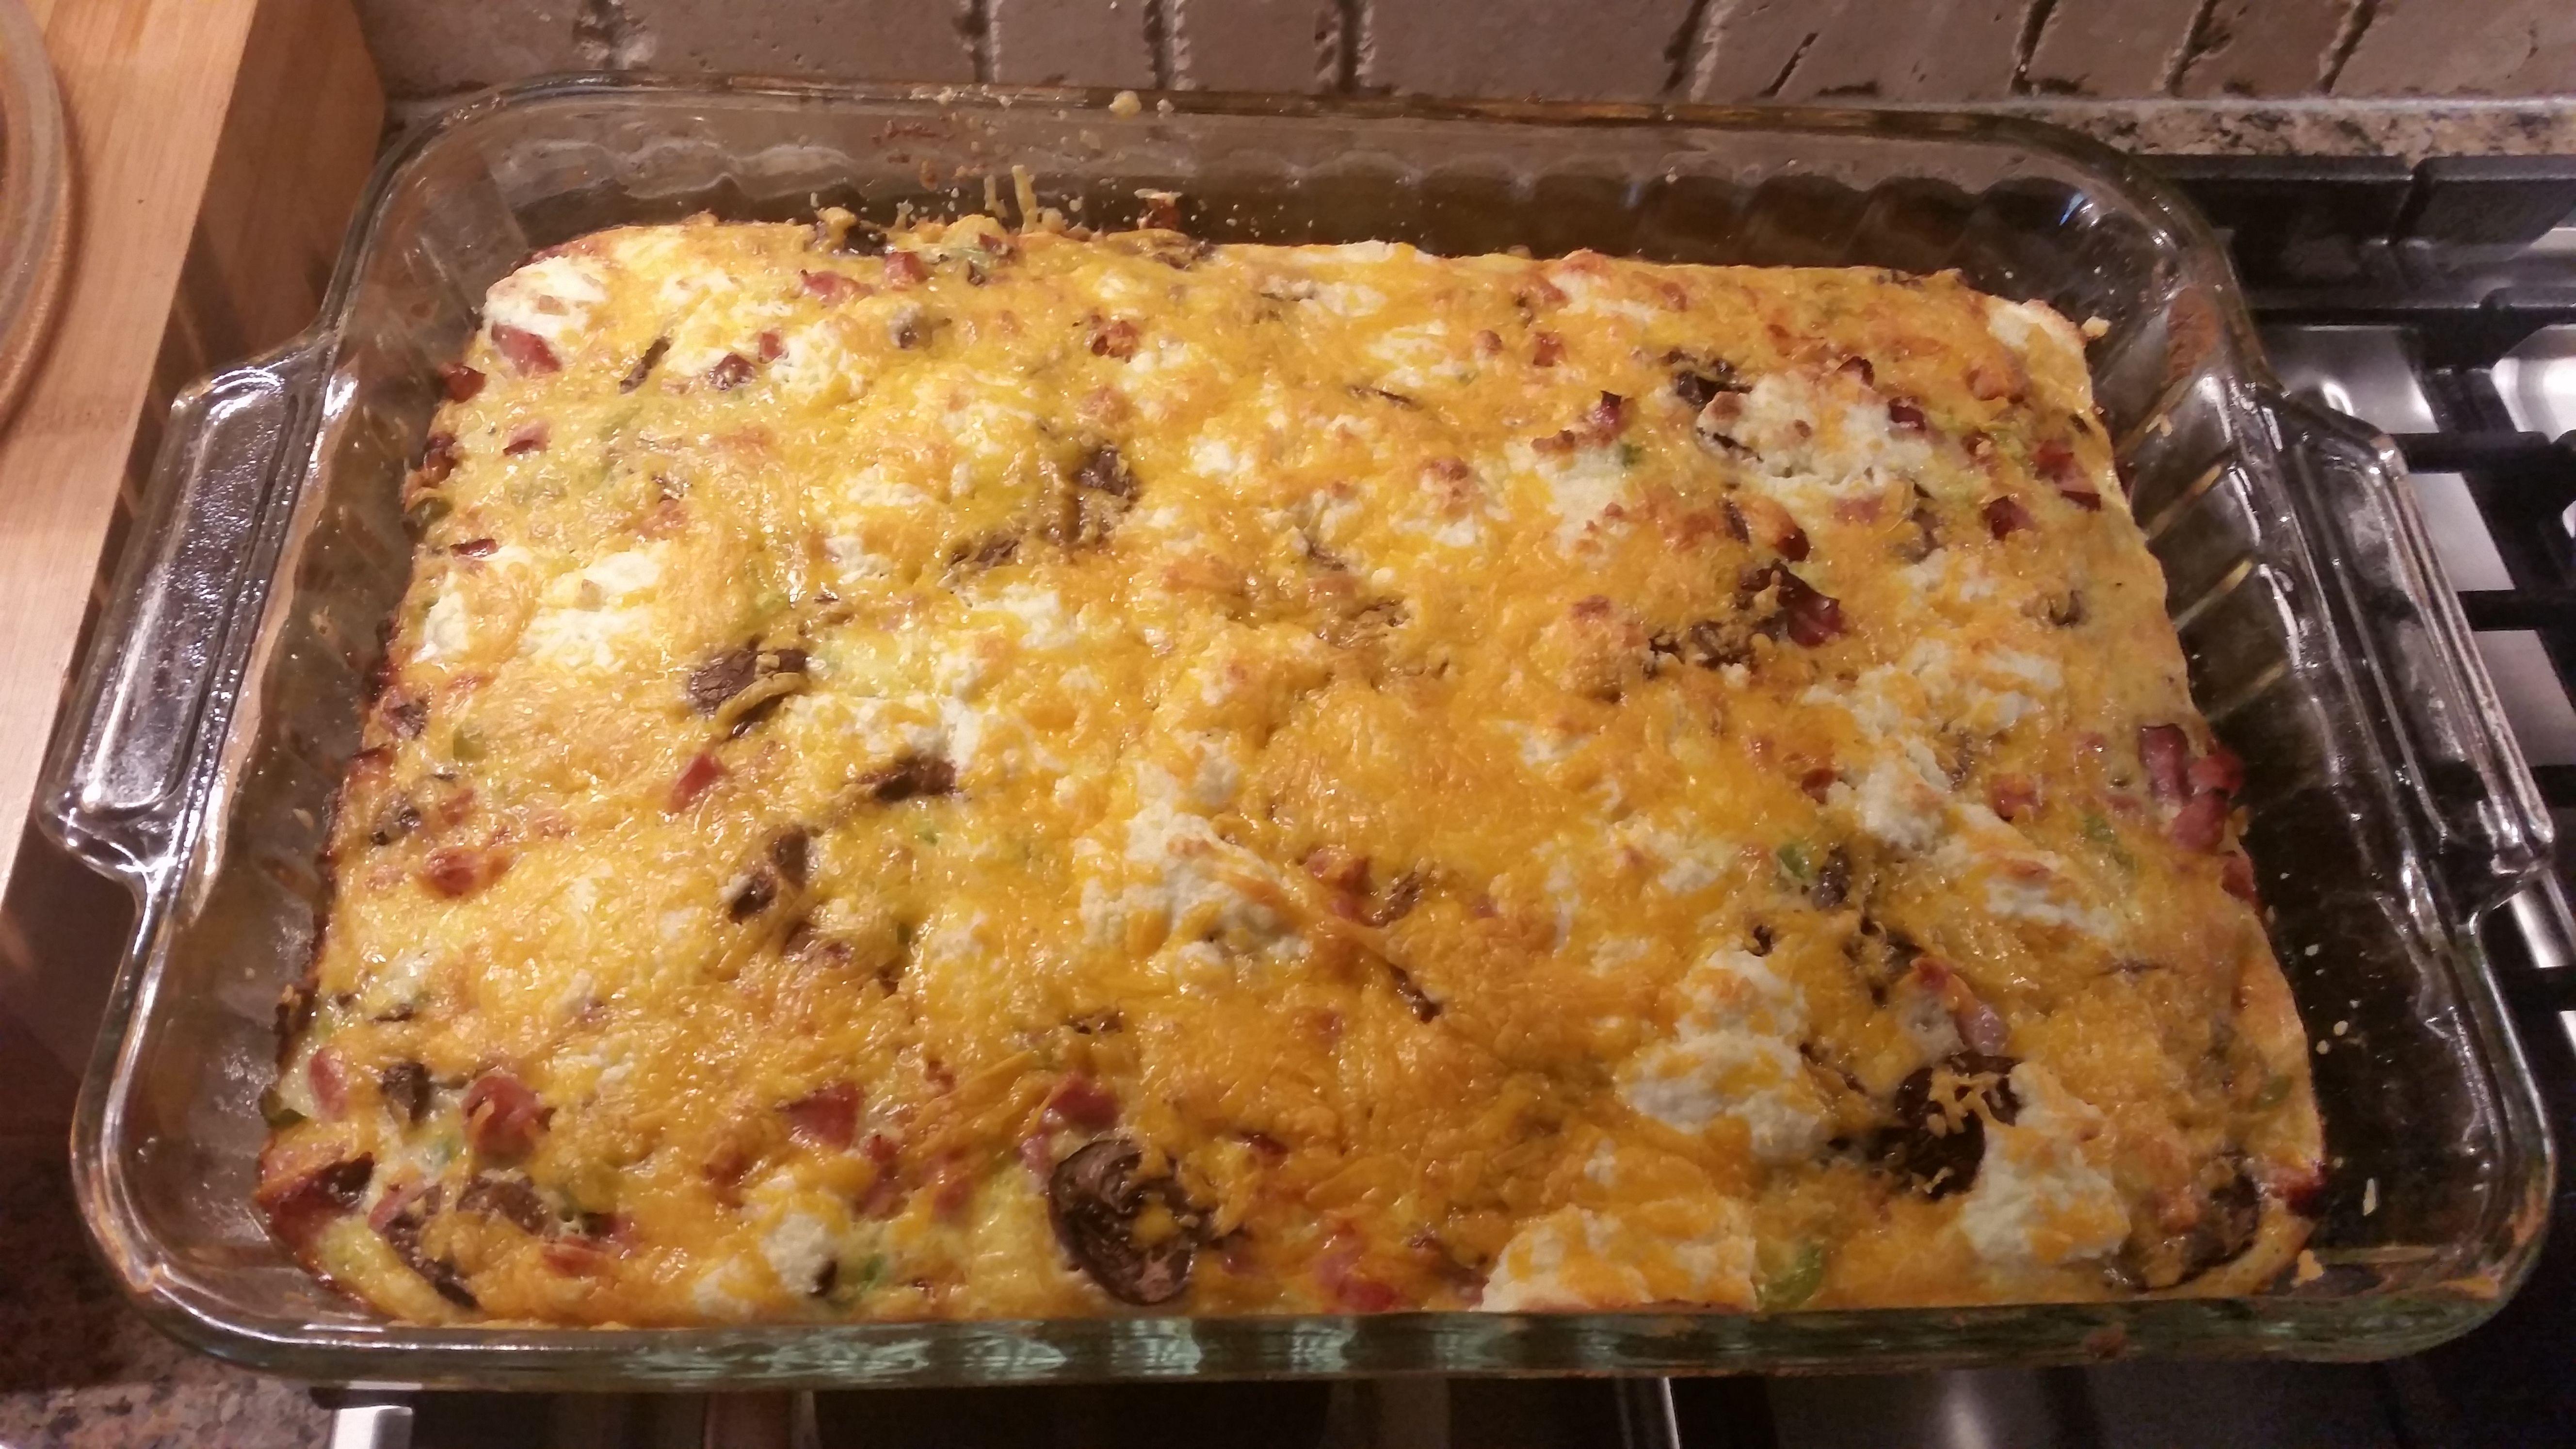 Aprenda a preparar a receita de Omeletão de forno